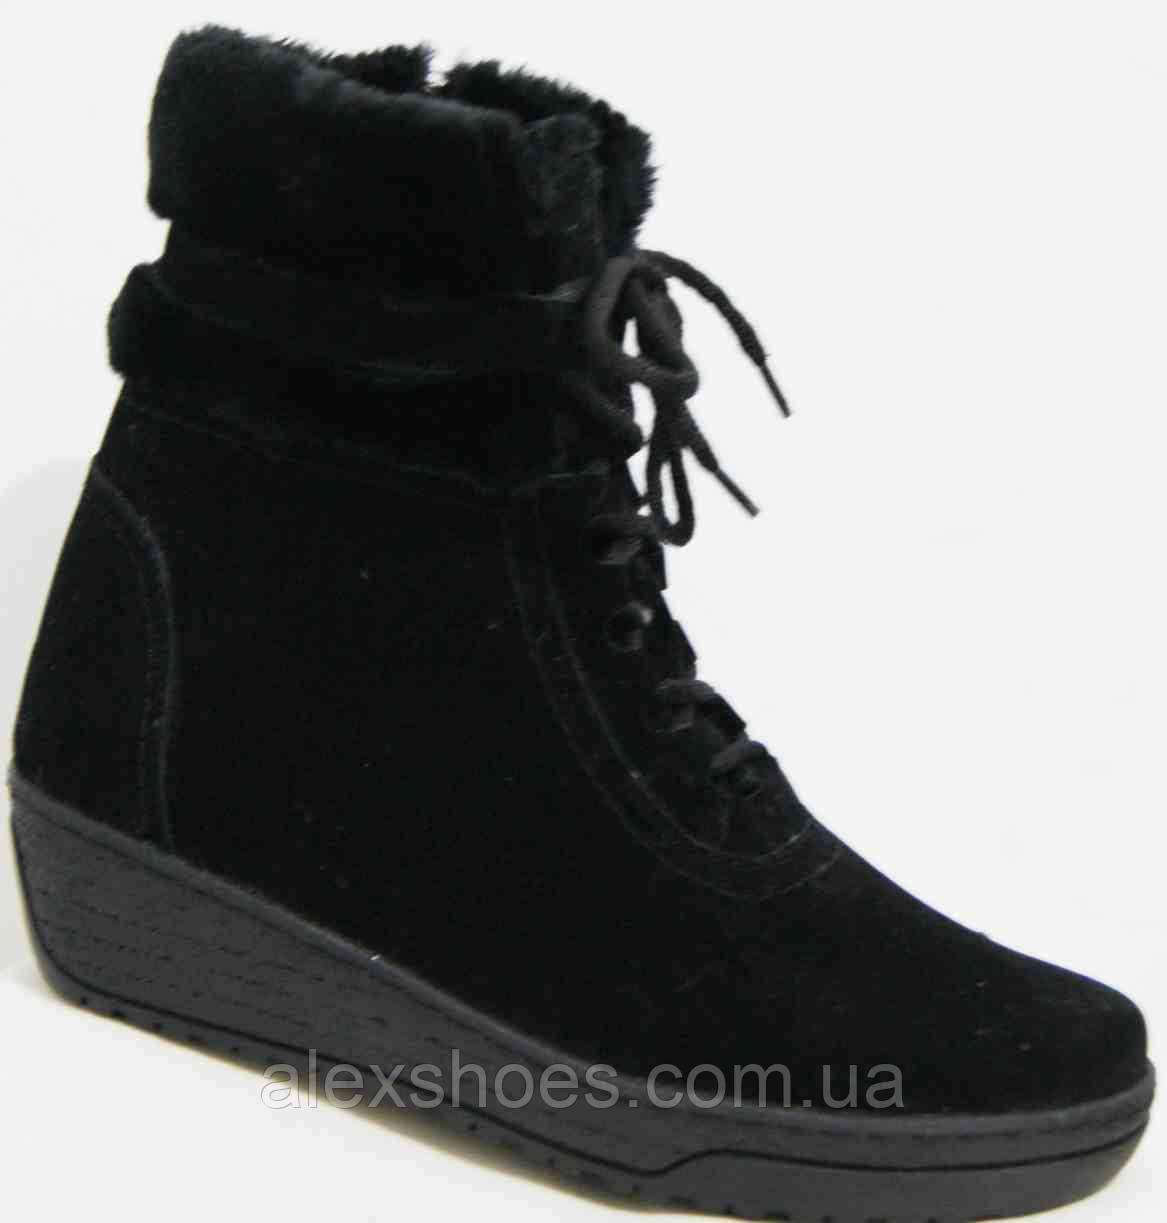 Ботинки женские зимние из натуральной замши большого размера от производителя модель В05980